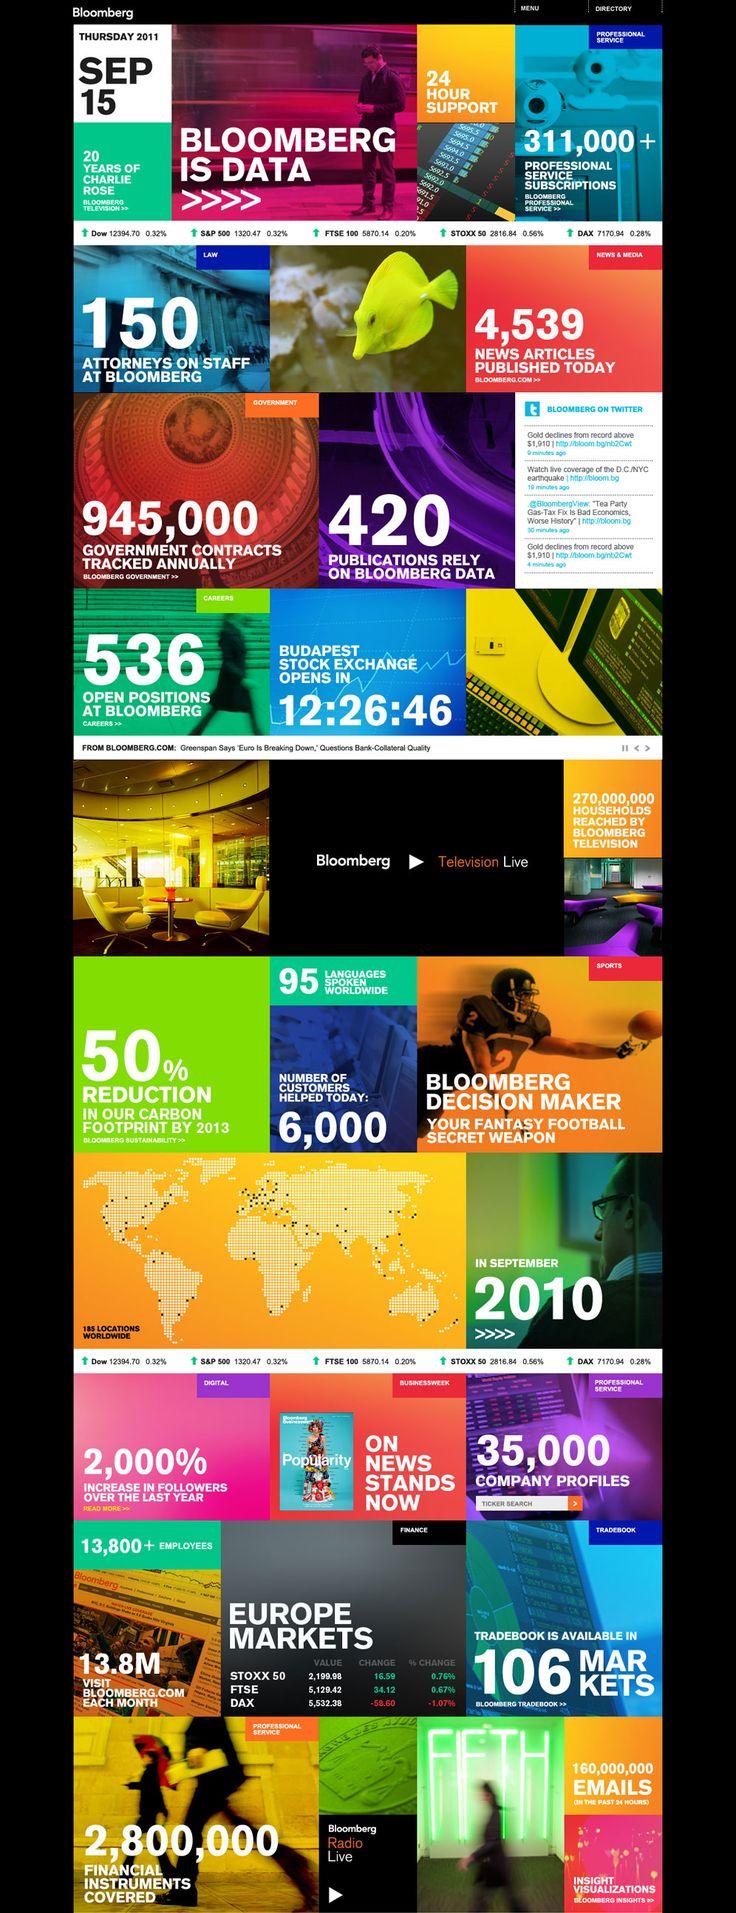 Bloomberg Web Site Design - Flog Design